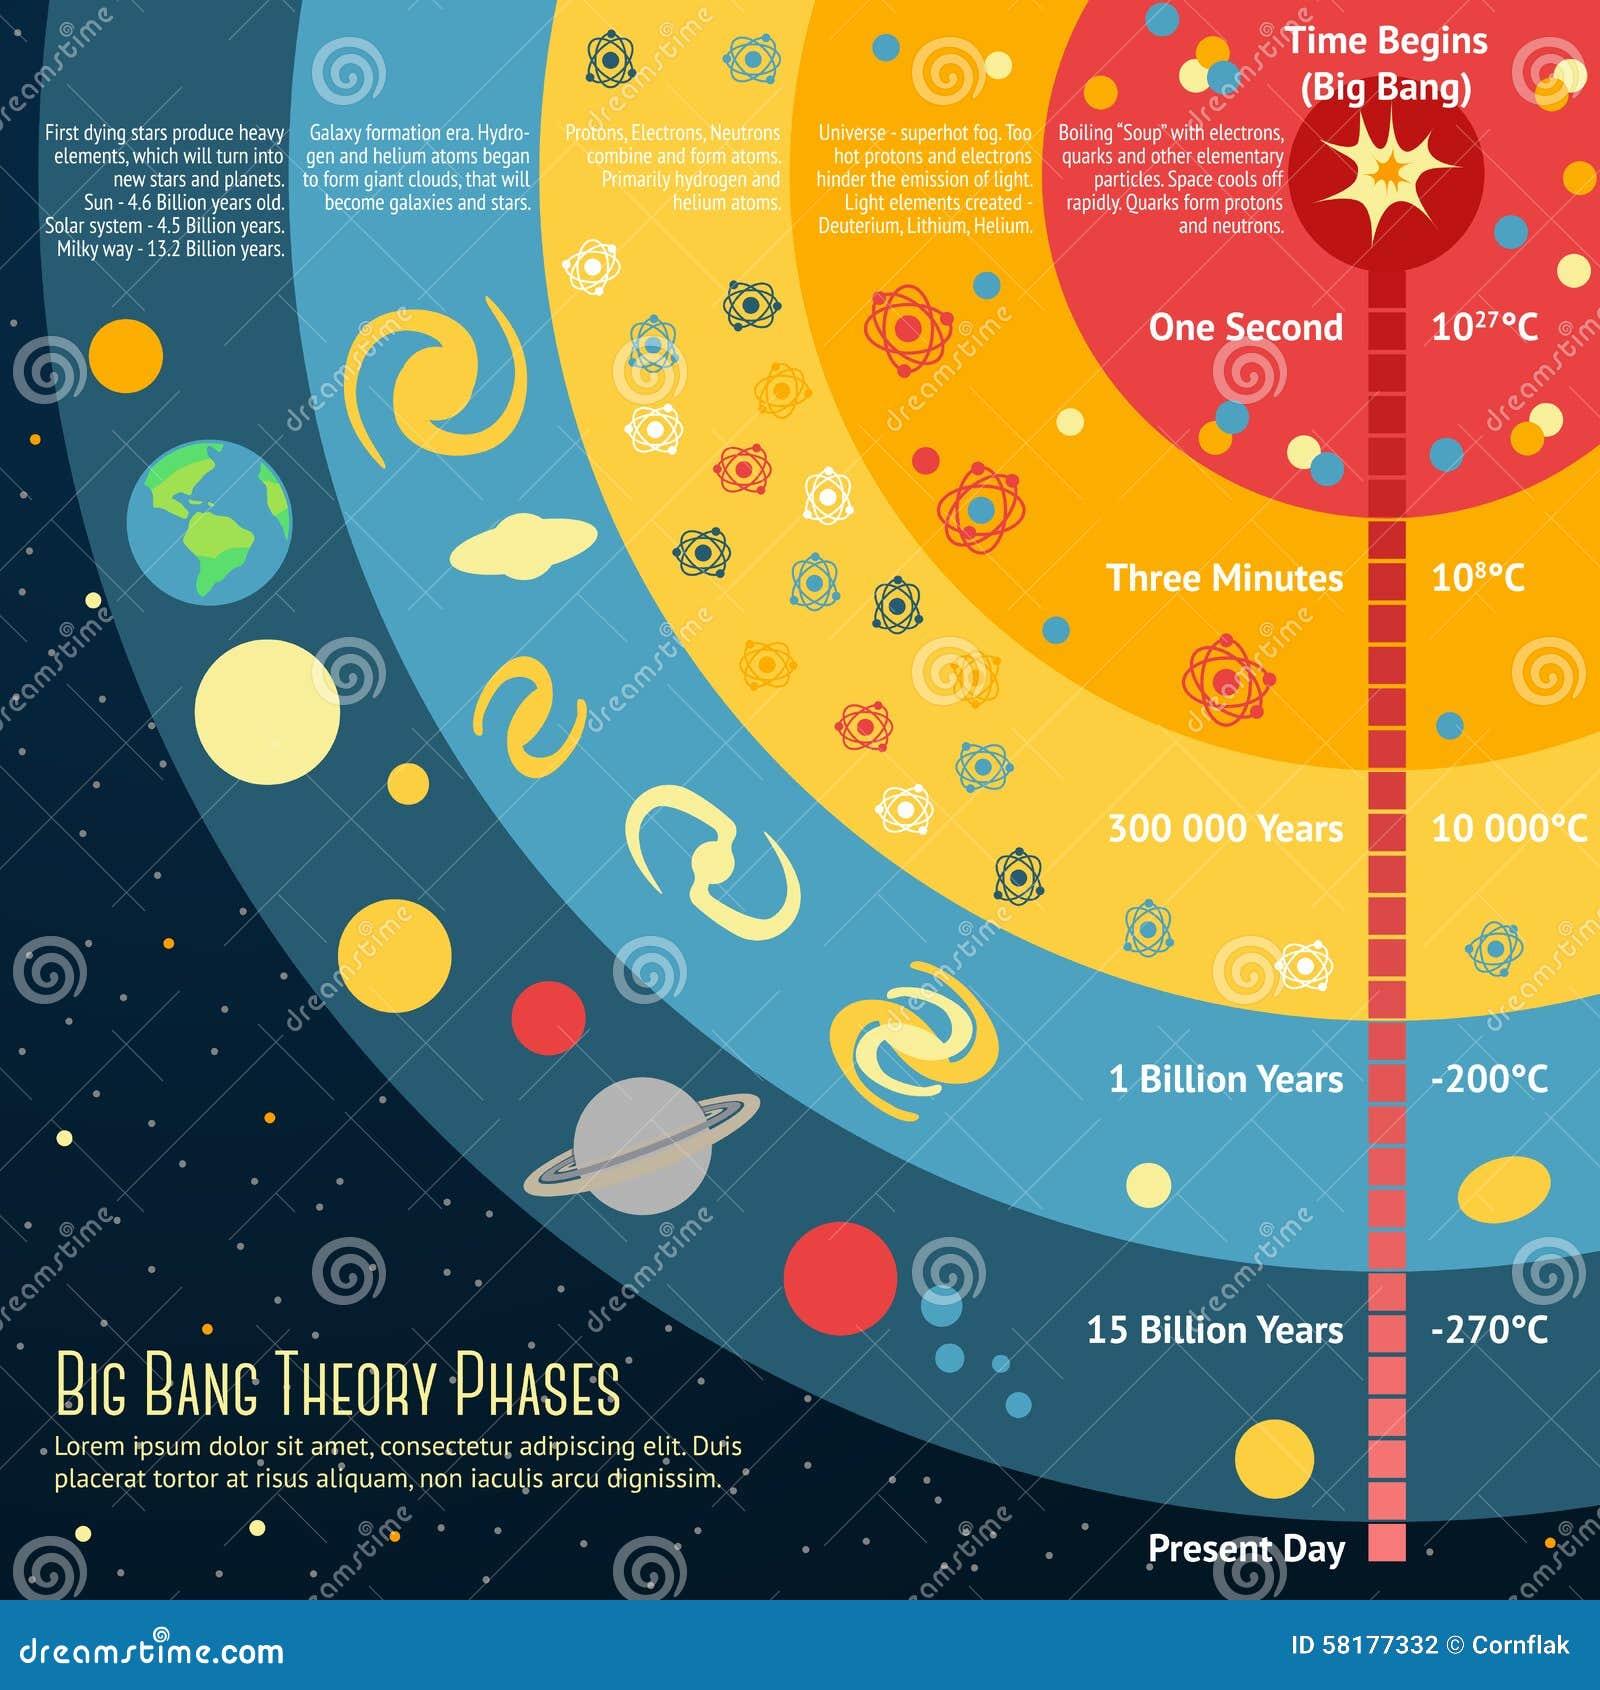 Stock De Ilustraci%C3%B3n Ejemplo De Las Fases De La Teor%C3%ADa De Big Bang Con El Lugar Image58177332 on Modelo Do Sistema Solar